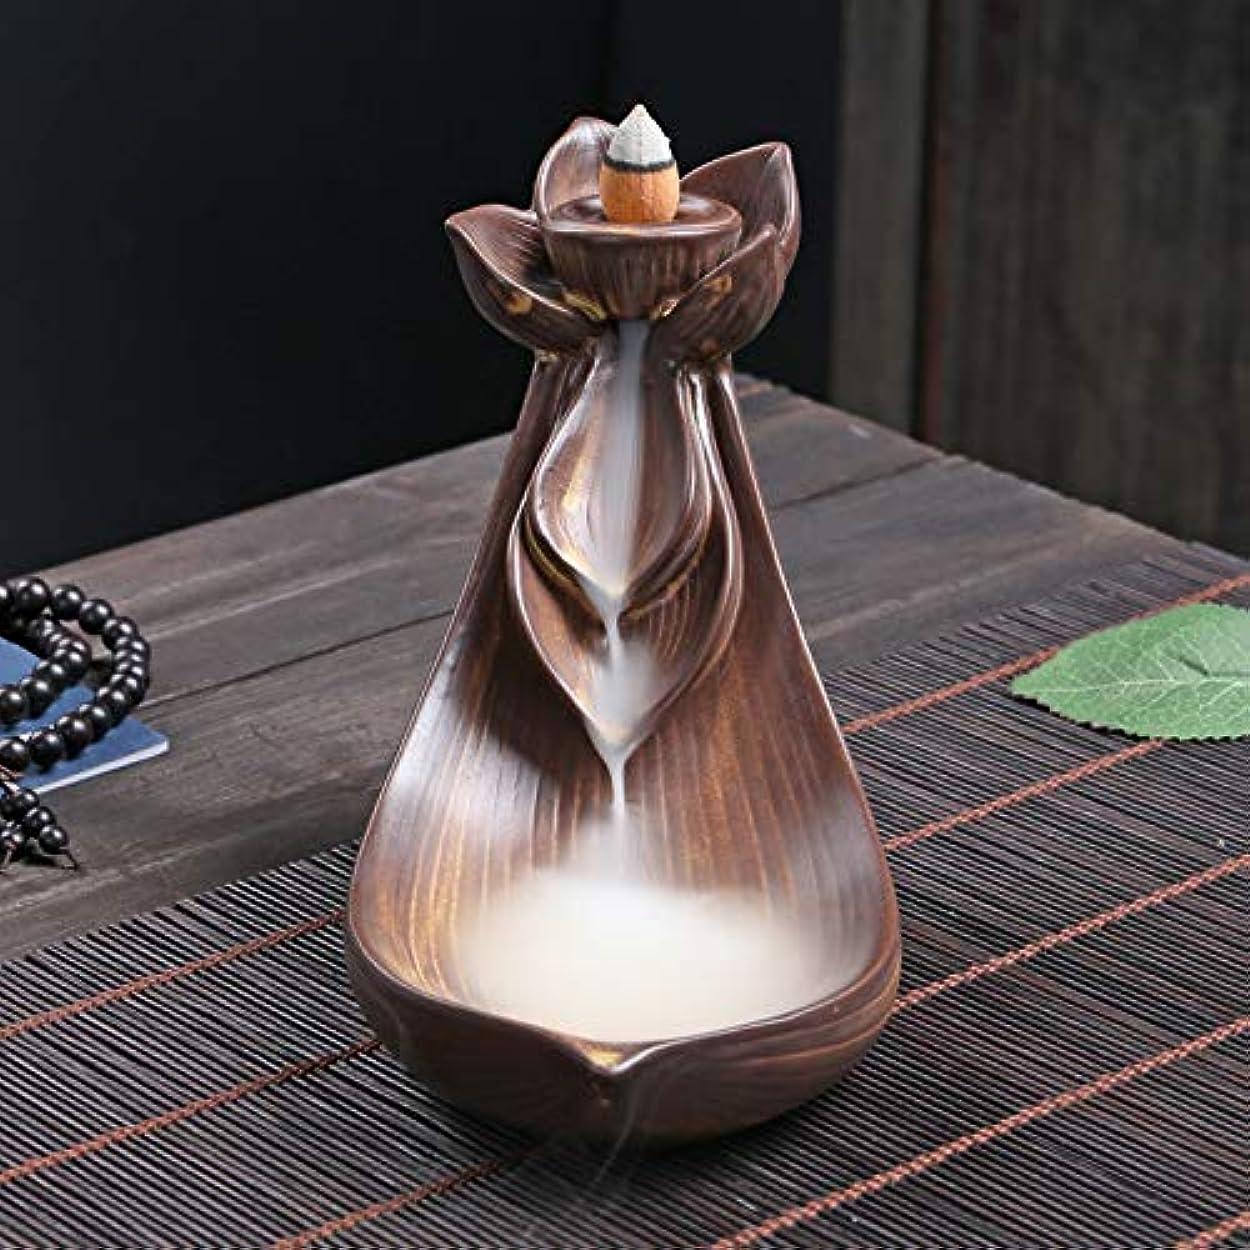 衝動海藻命令的PHILOGOD 陶器香炉 ロータススタイリング逆流香炉 倒流香 お香 ホルダー 香立て (Small Lotus)